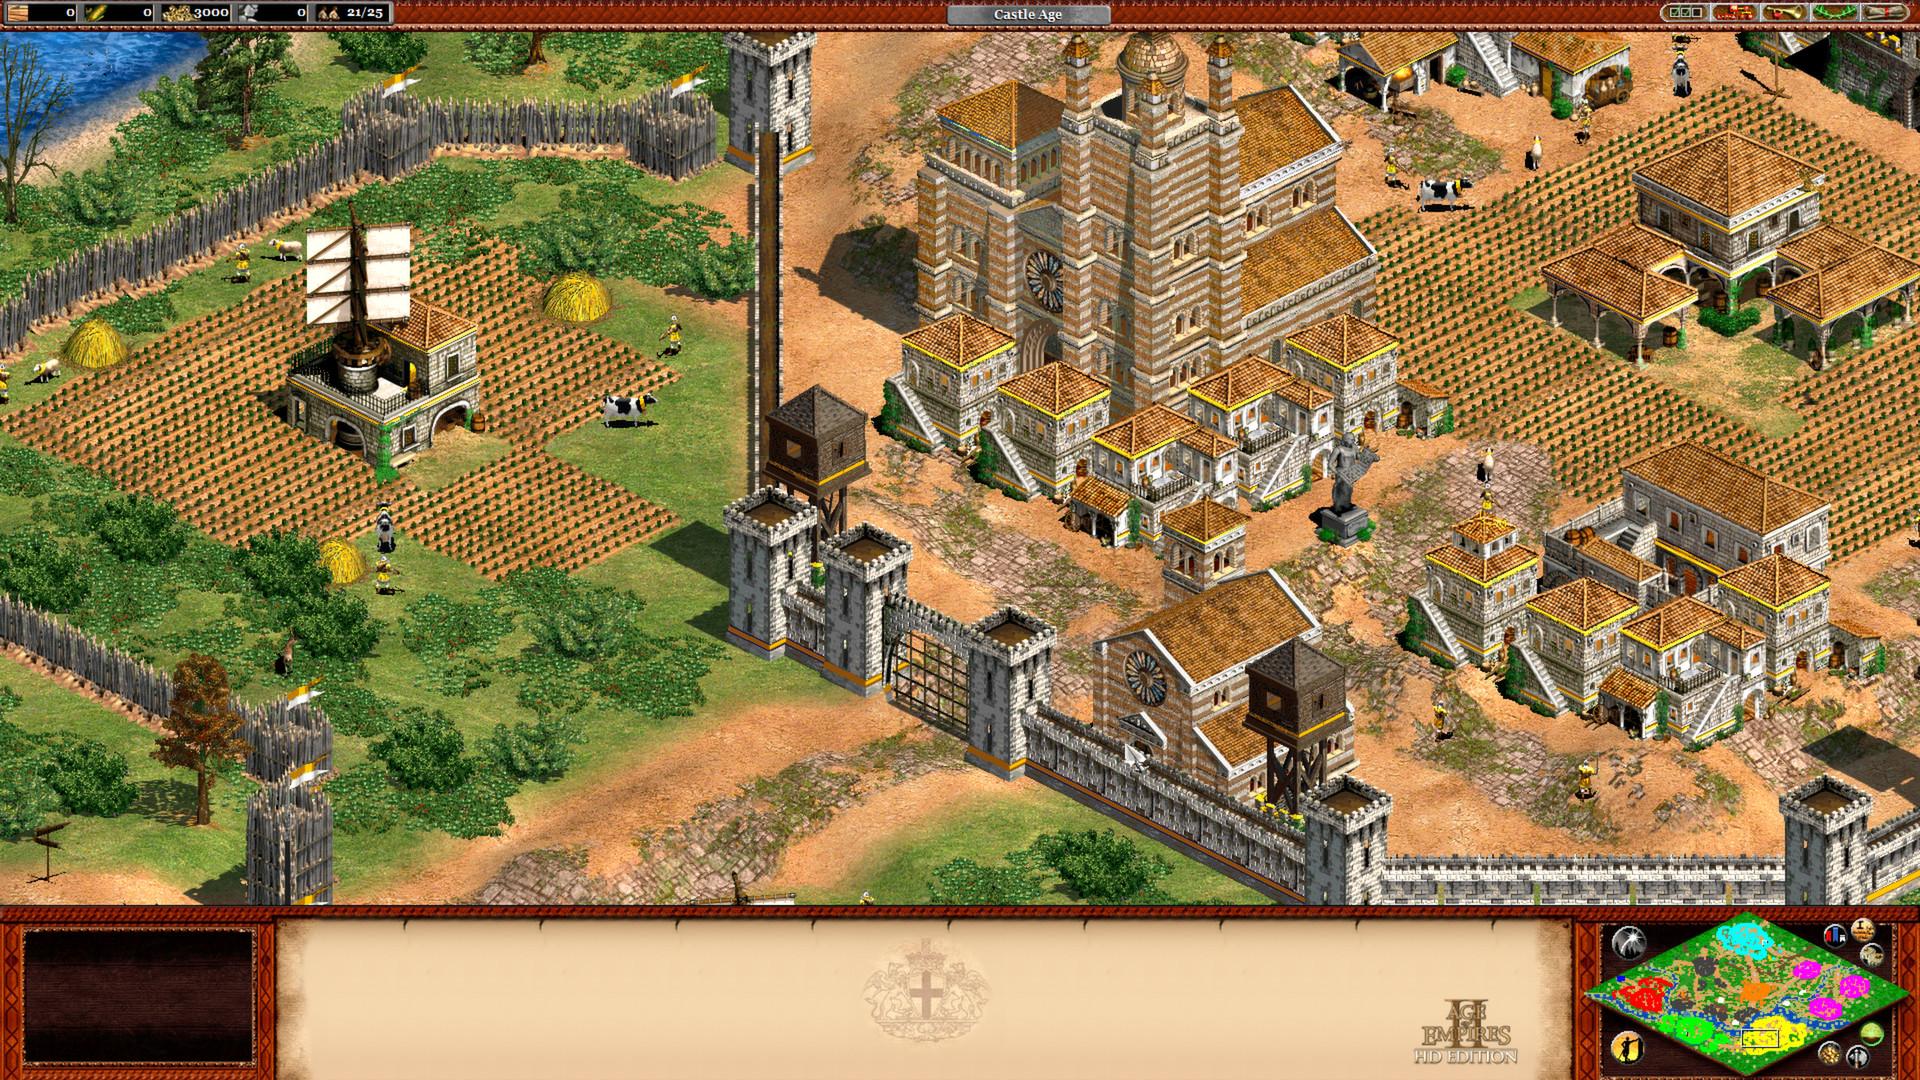 descargar age of empires 2 completo en español gratis para windows 8